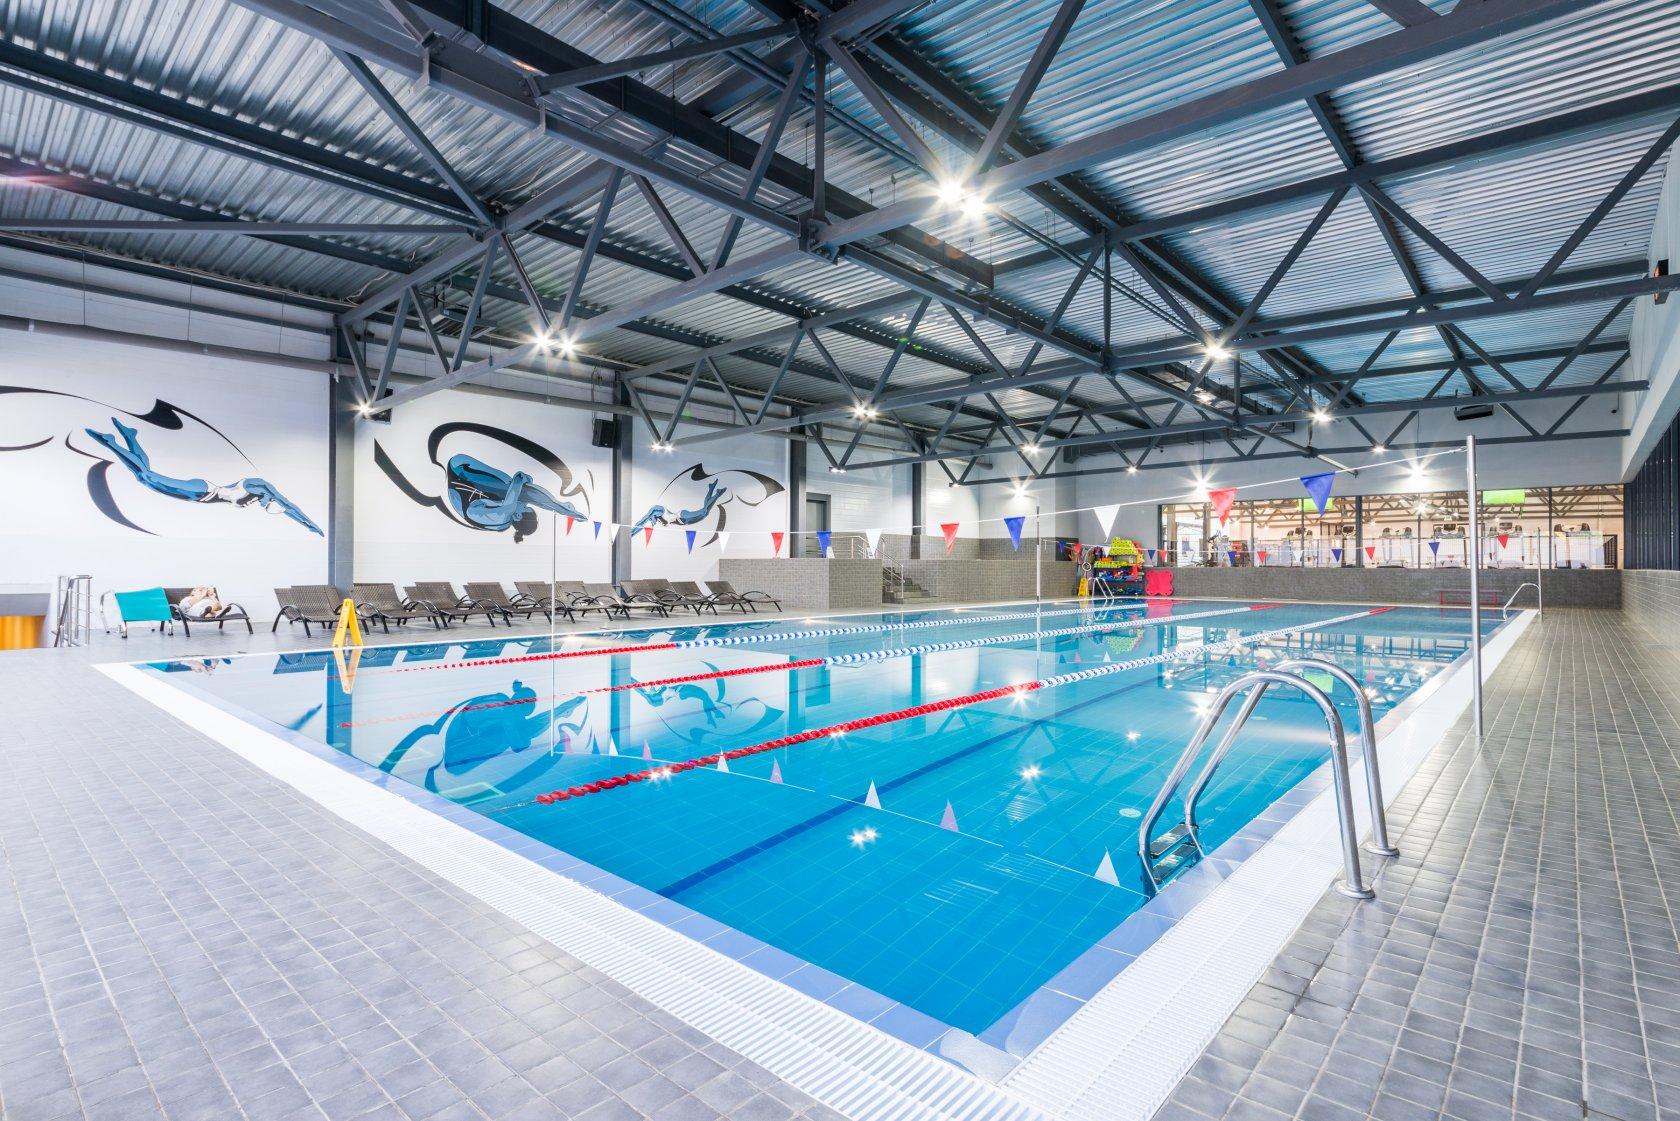 По-соседству открылся самый крупный спортивный центр в Москве и области